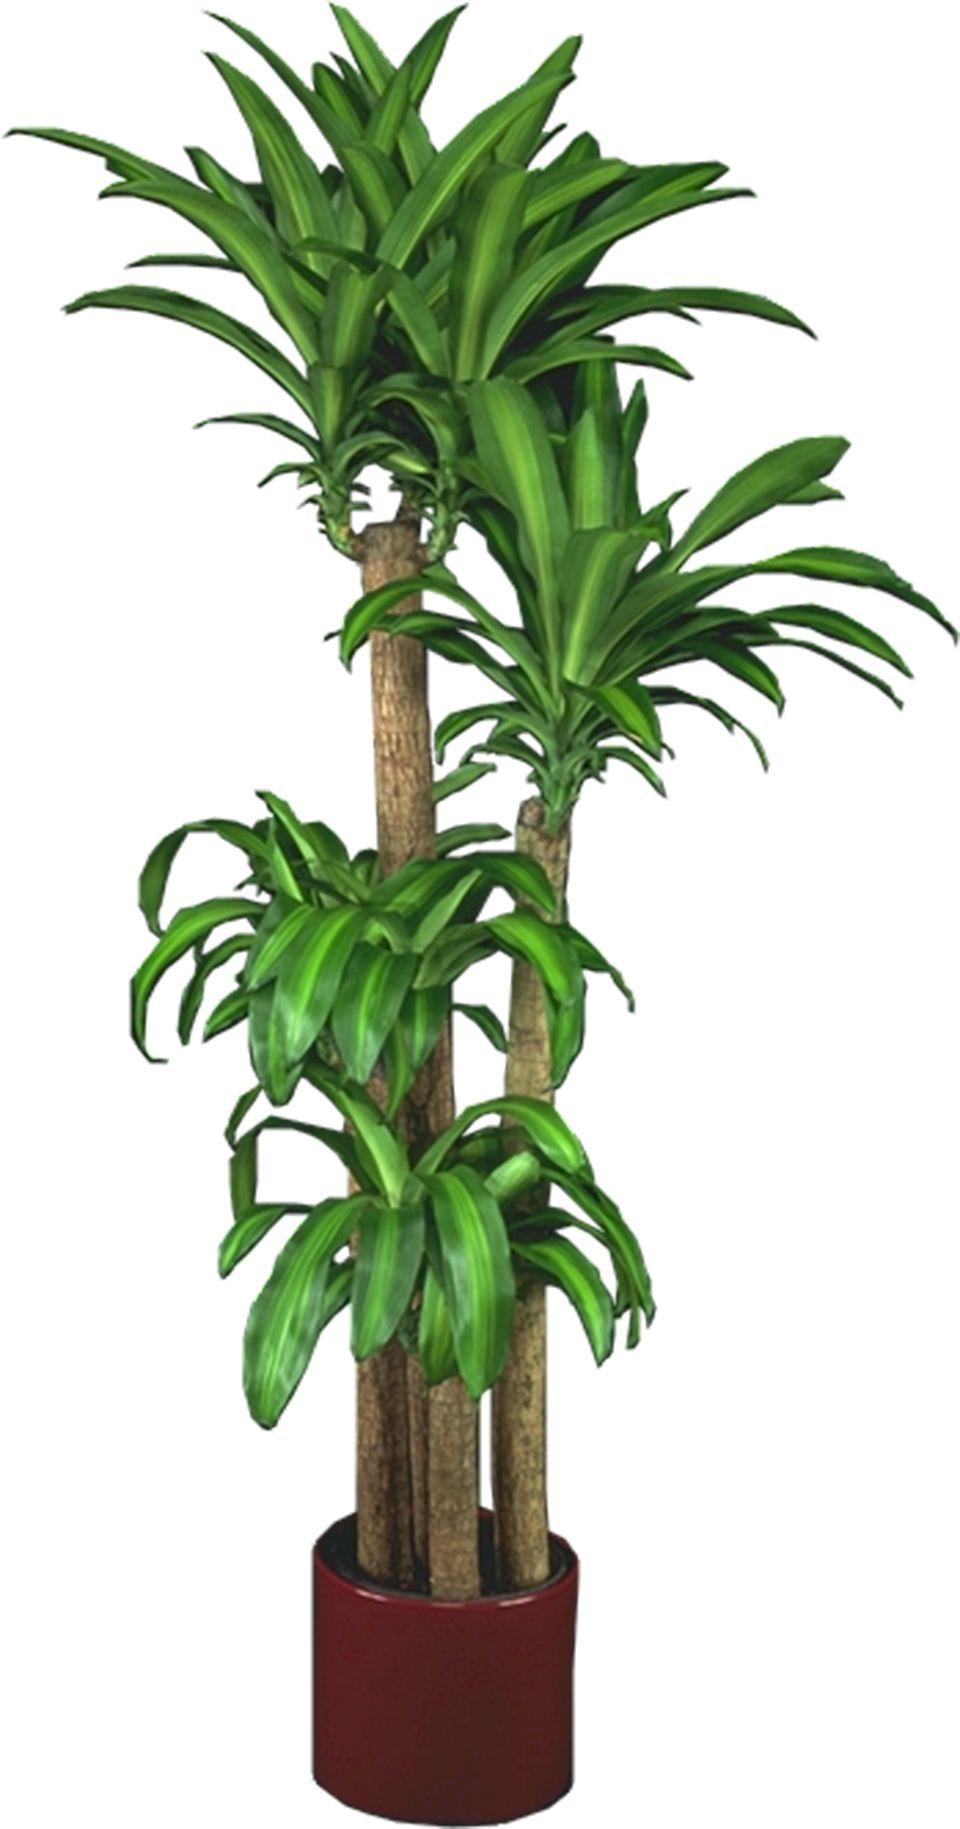 Best Kitchen Gallery: Low Light Plants Indoor Plants House Plants House Plants of Tropical Indoor House Plants  on rachelxblog.com